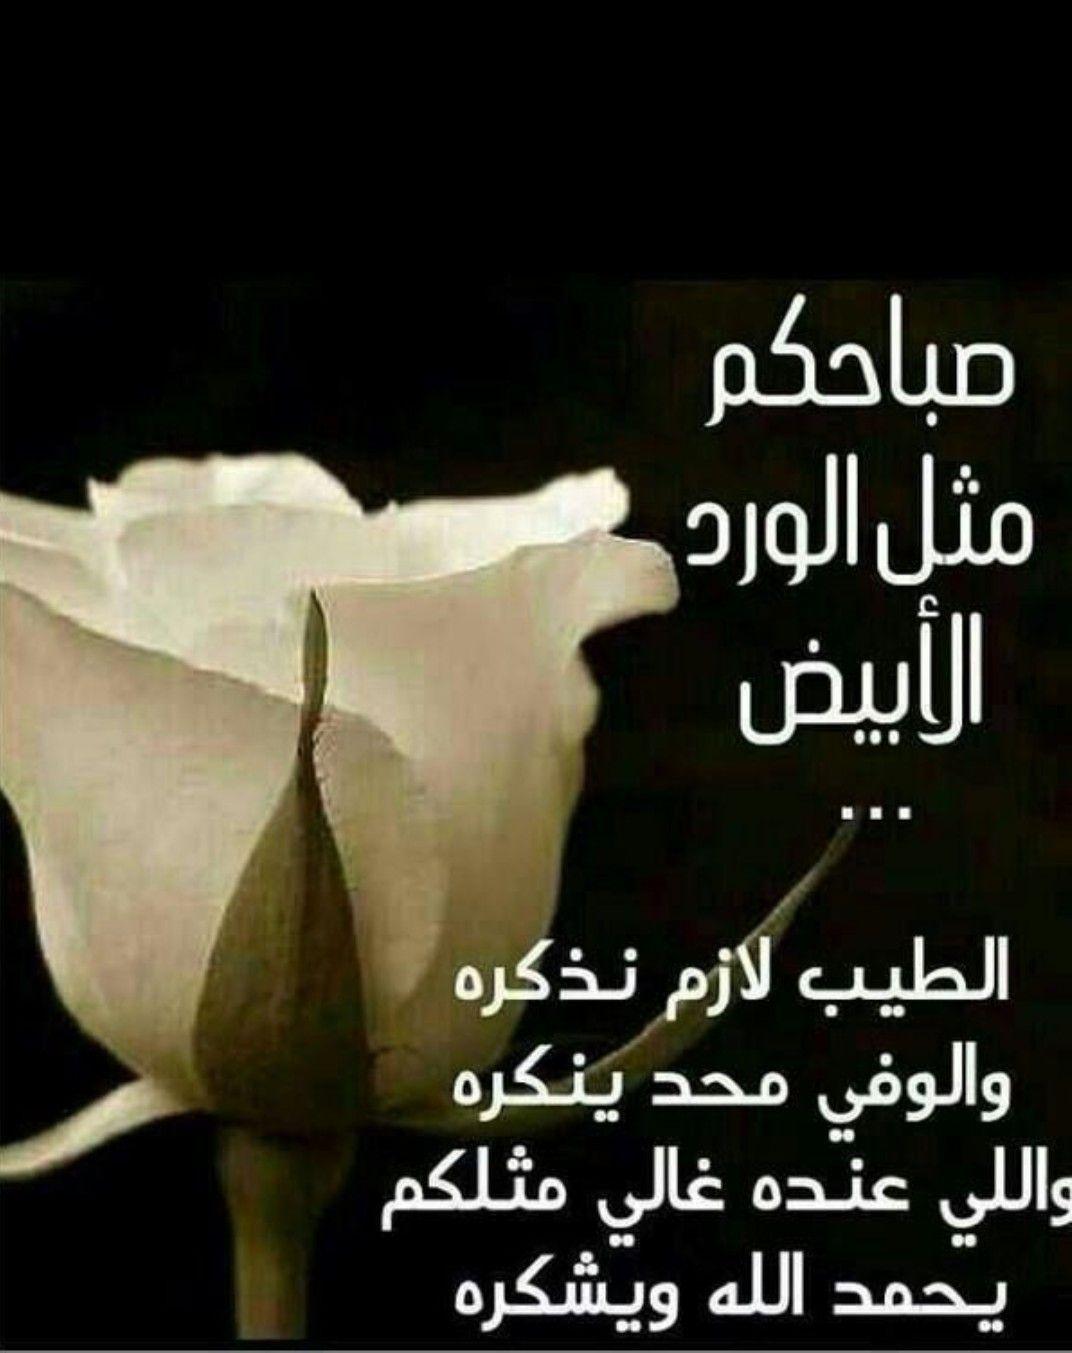 بالصور صباح الخير يا حبيبتي , الصباح الجميل دائما مع الاحبه 2667 4